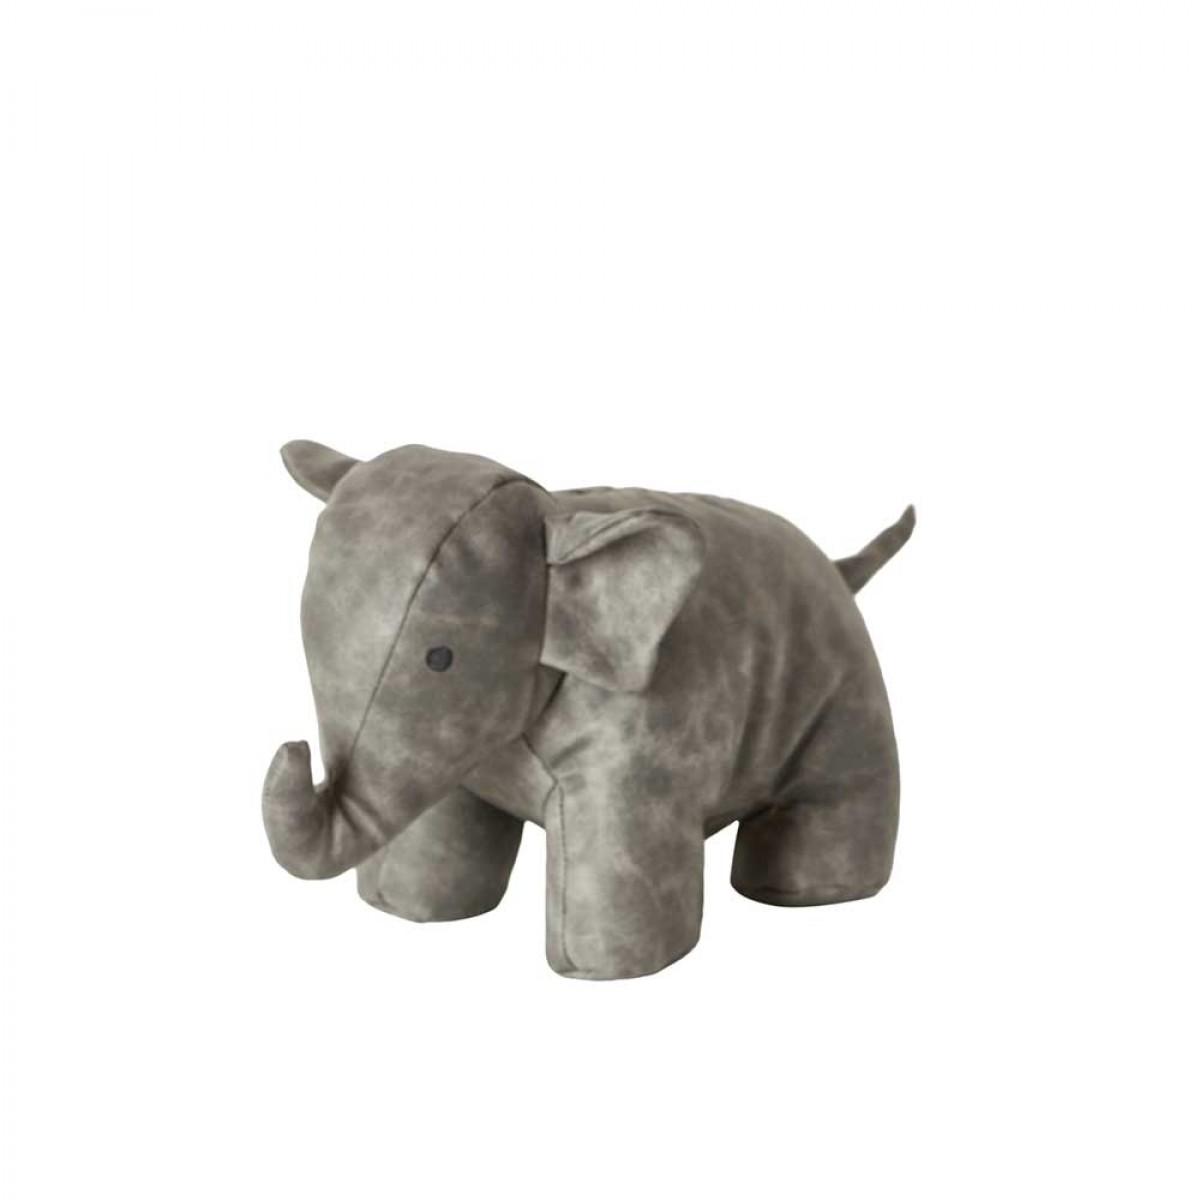 DACORE Dørstopper elefant grå 25 cm